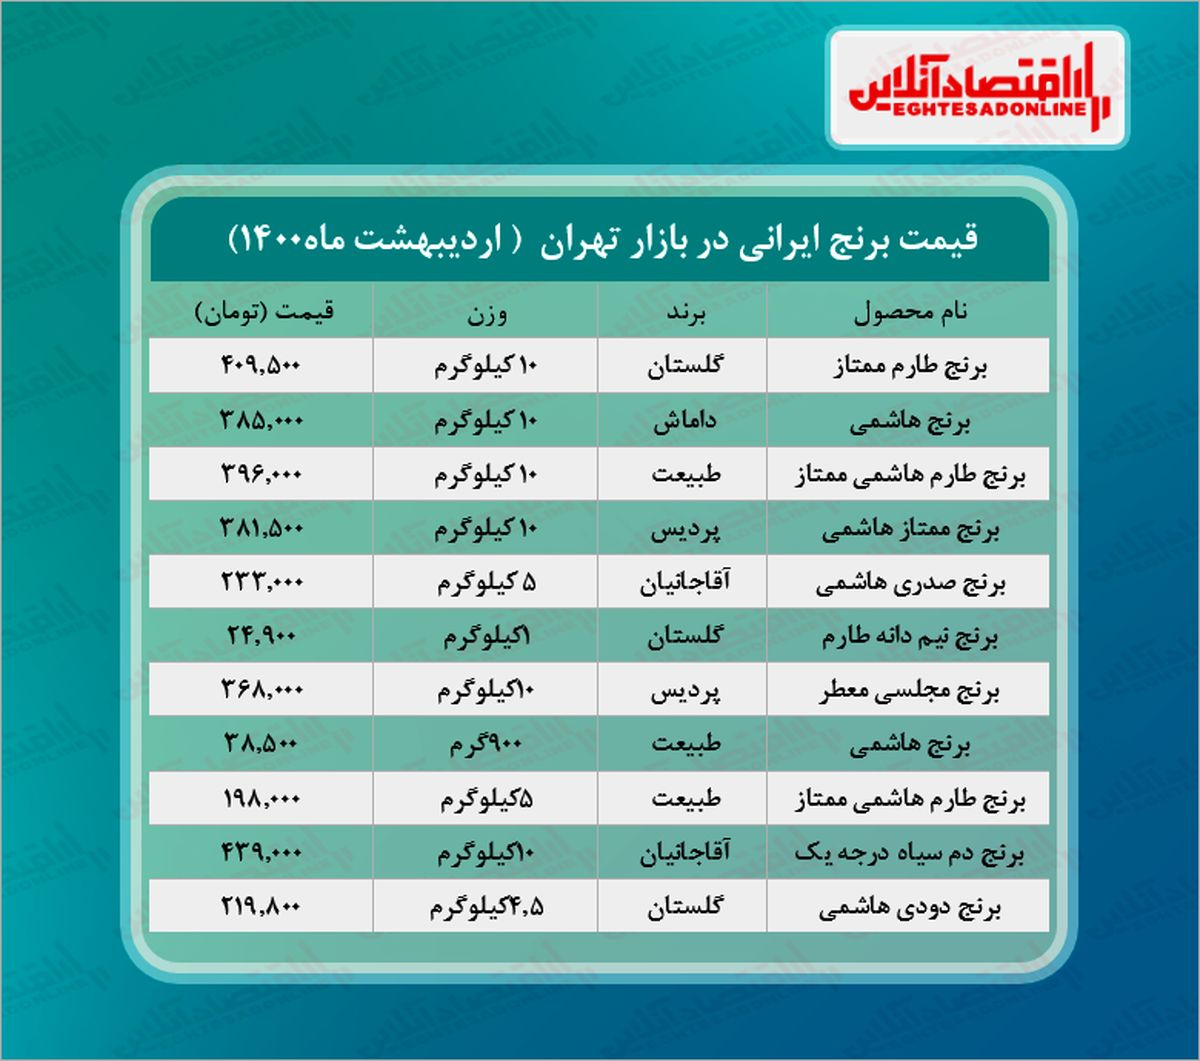 قیمت جدید برنج در بازار (اردیبهشت۱۴۰۰) +جدول